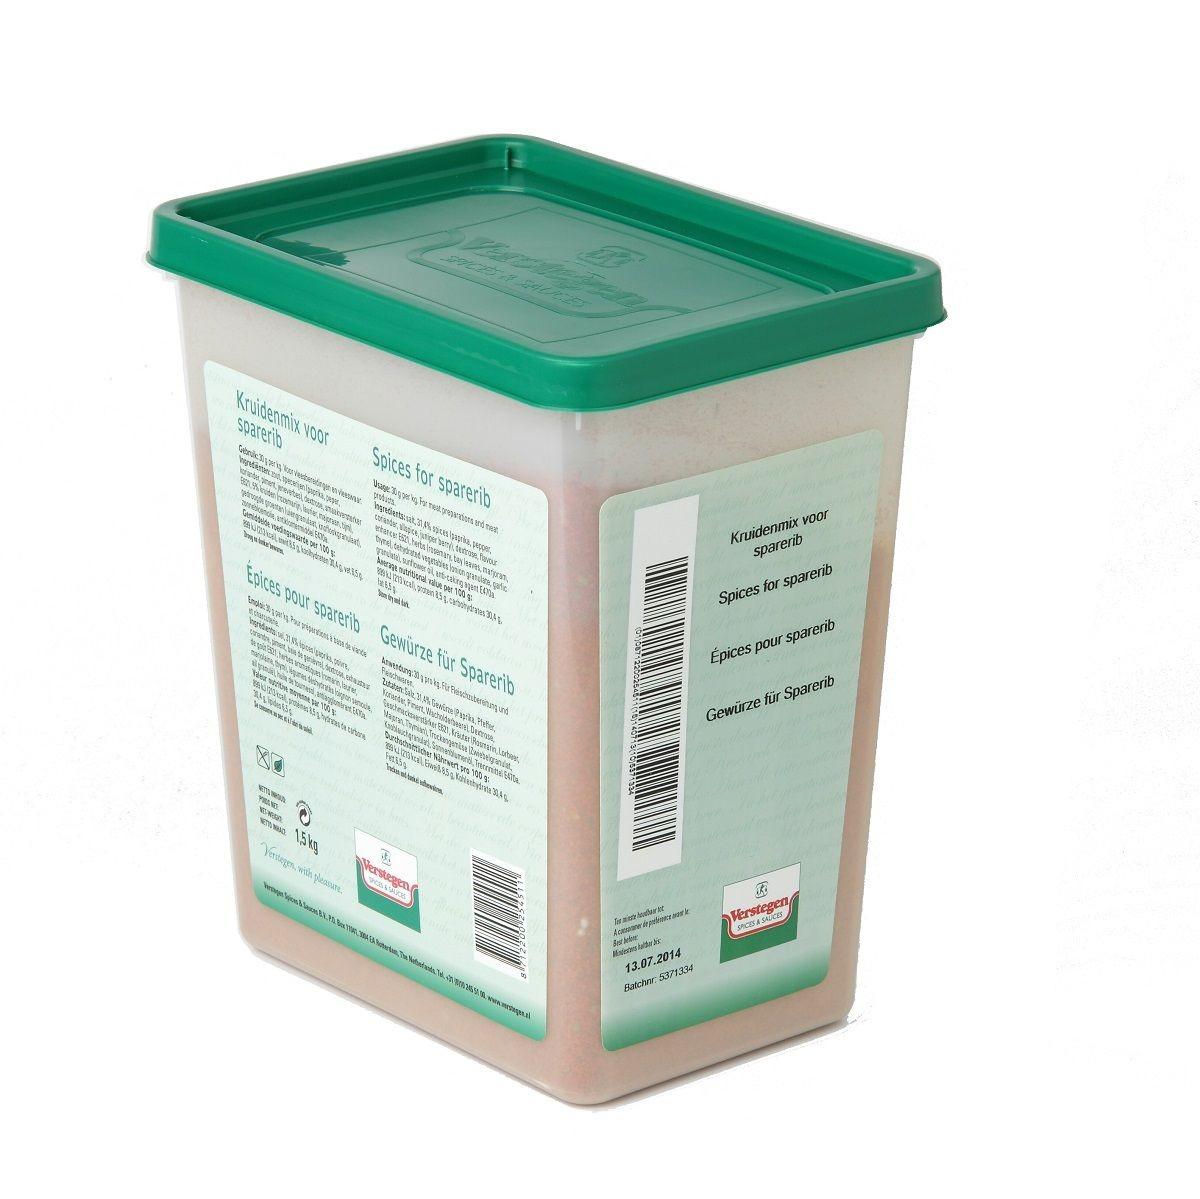 Verstegen Mélange Spare Rib 1.5kg 3LP